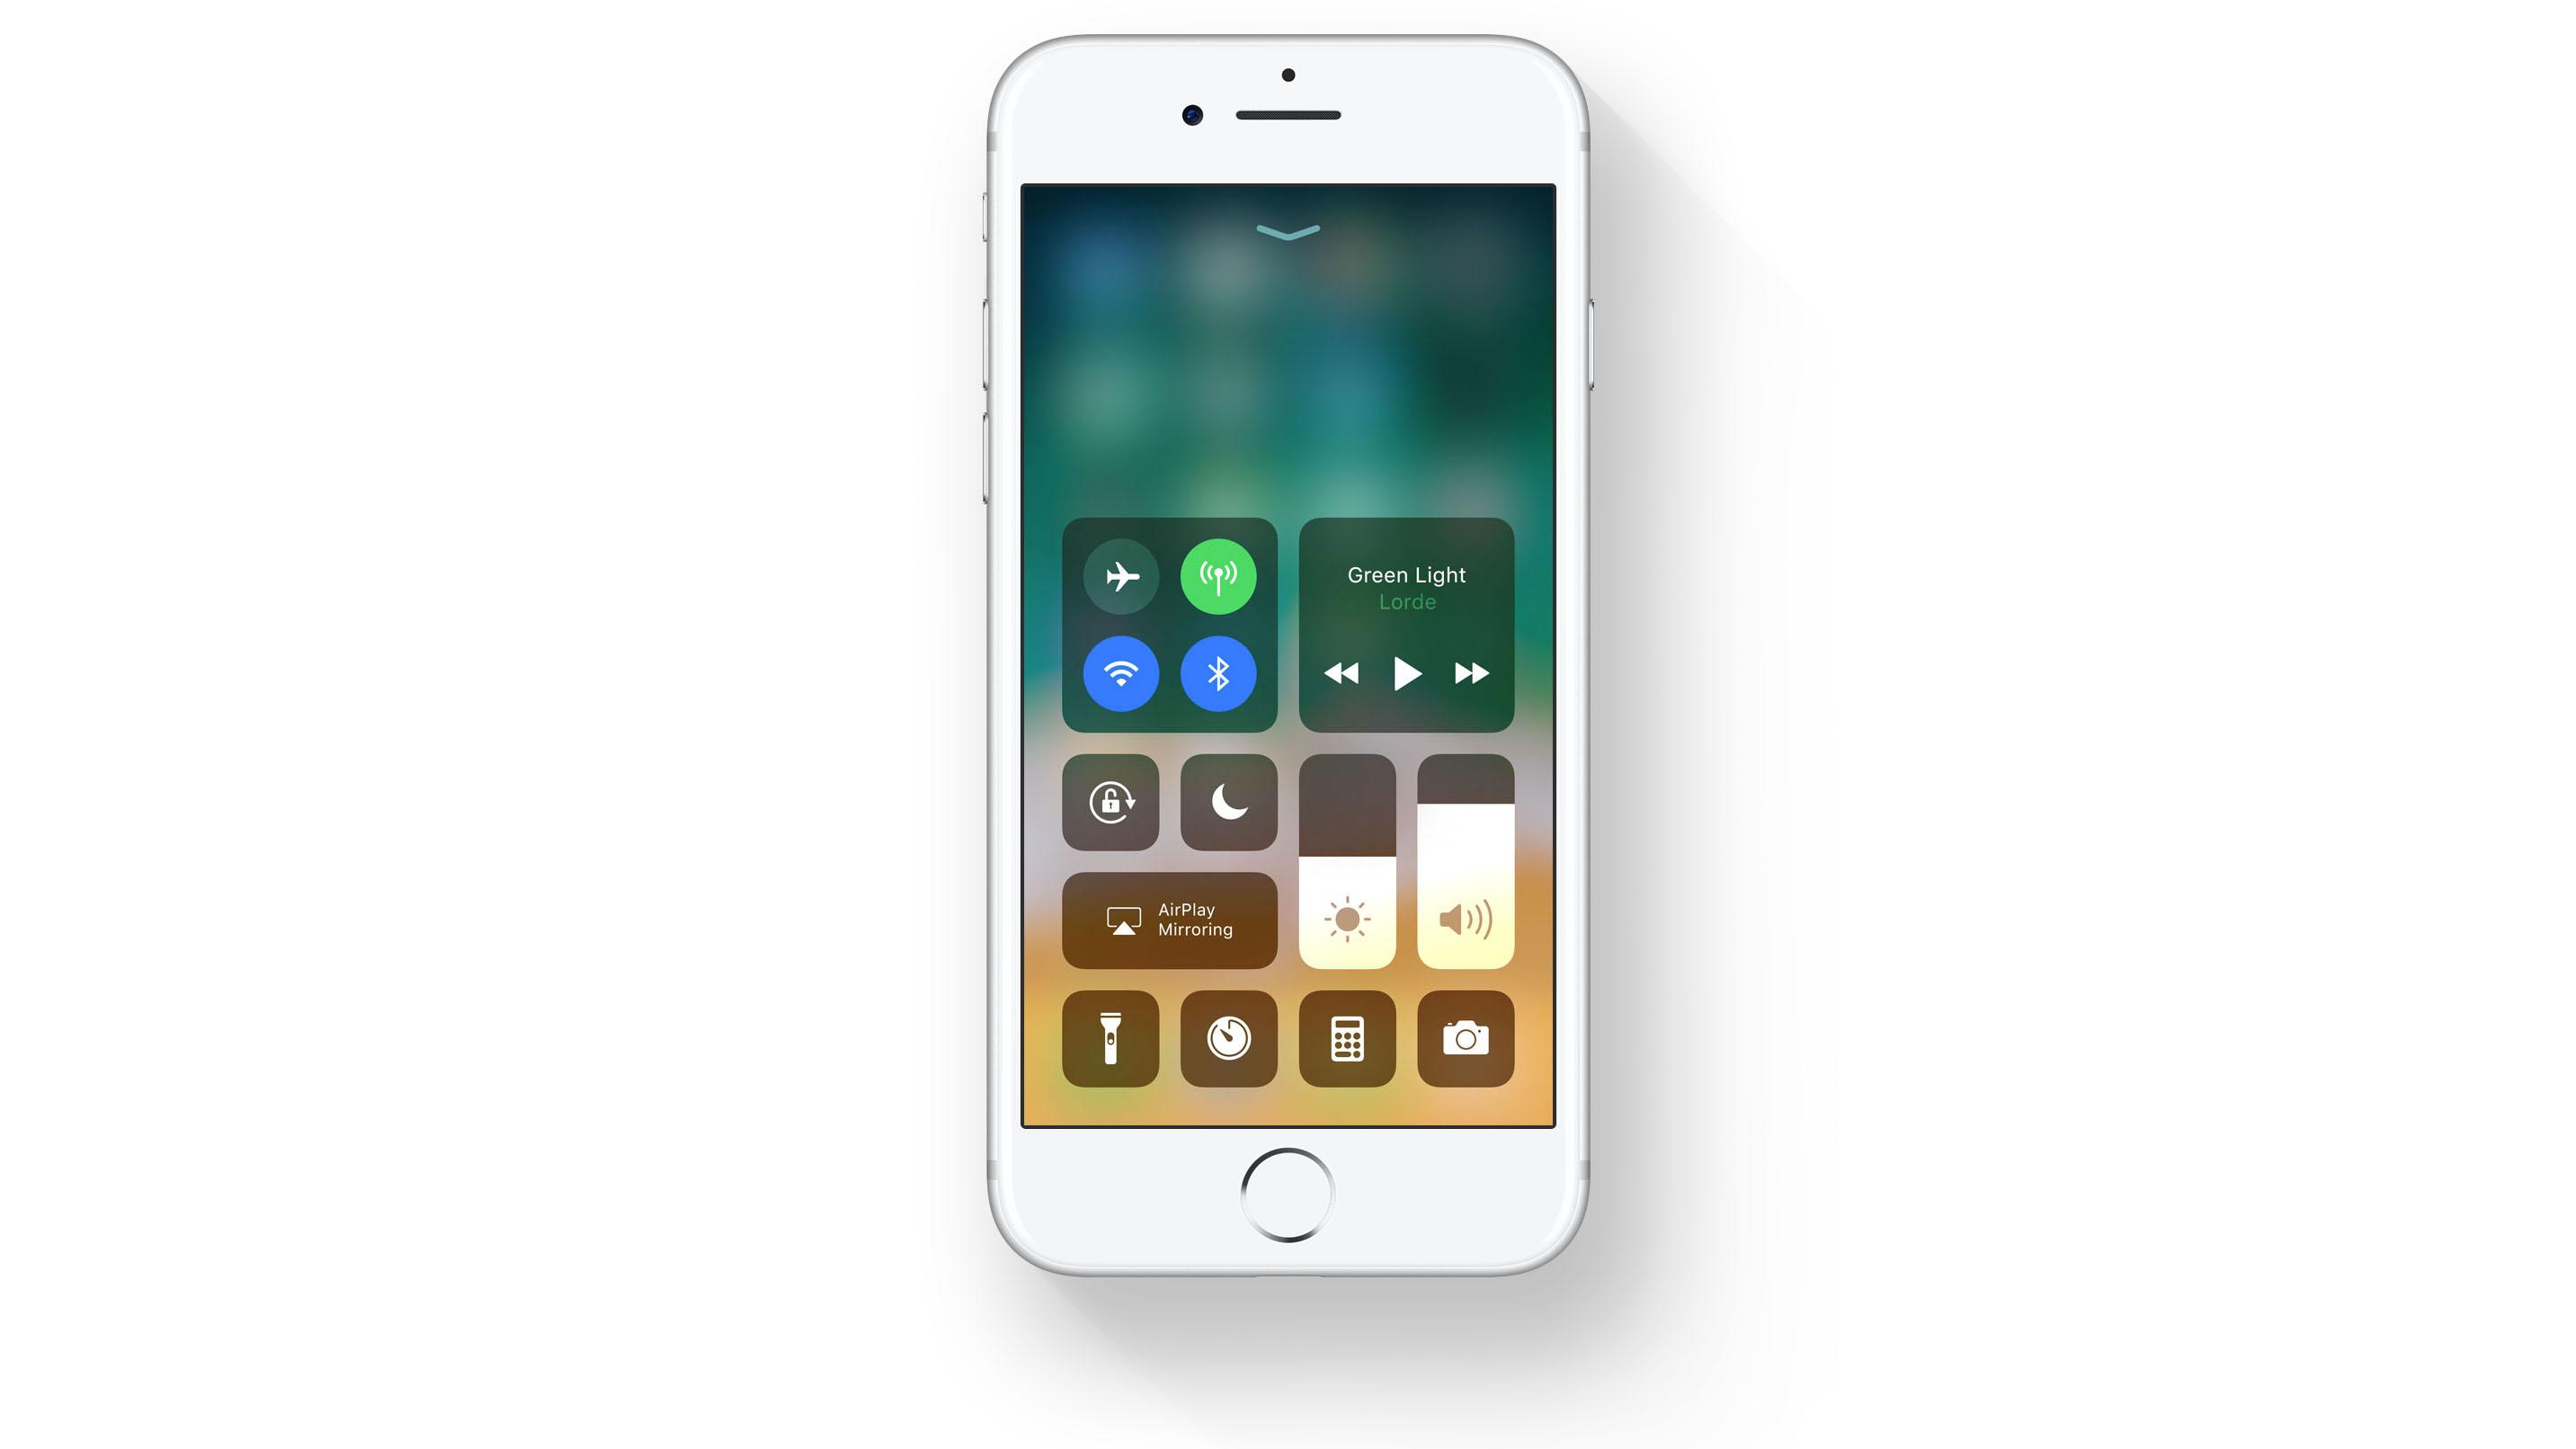 """iOS 11 """"schlecht für Nutzersicherheit"""": Kritik an WLAN- und ..."""